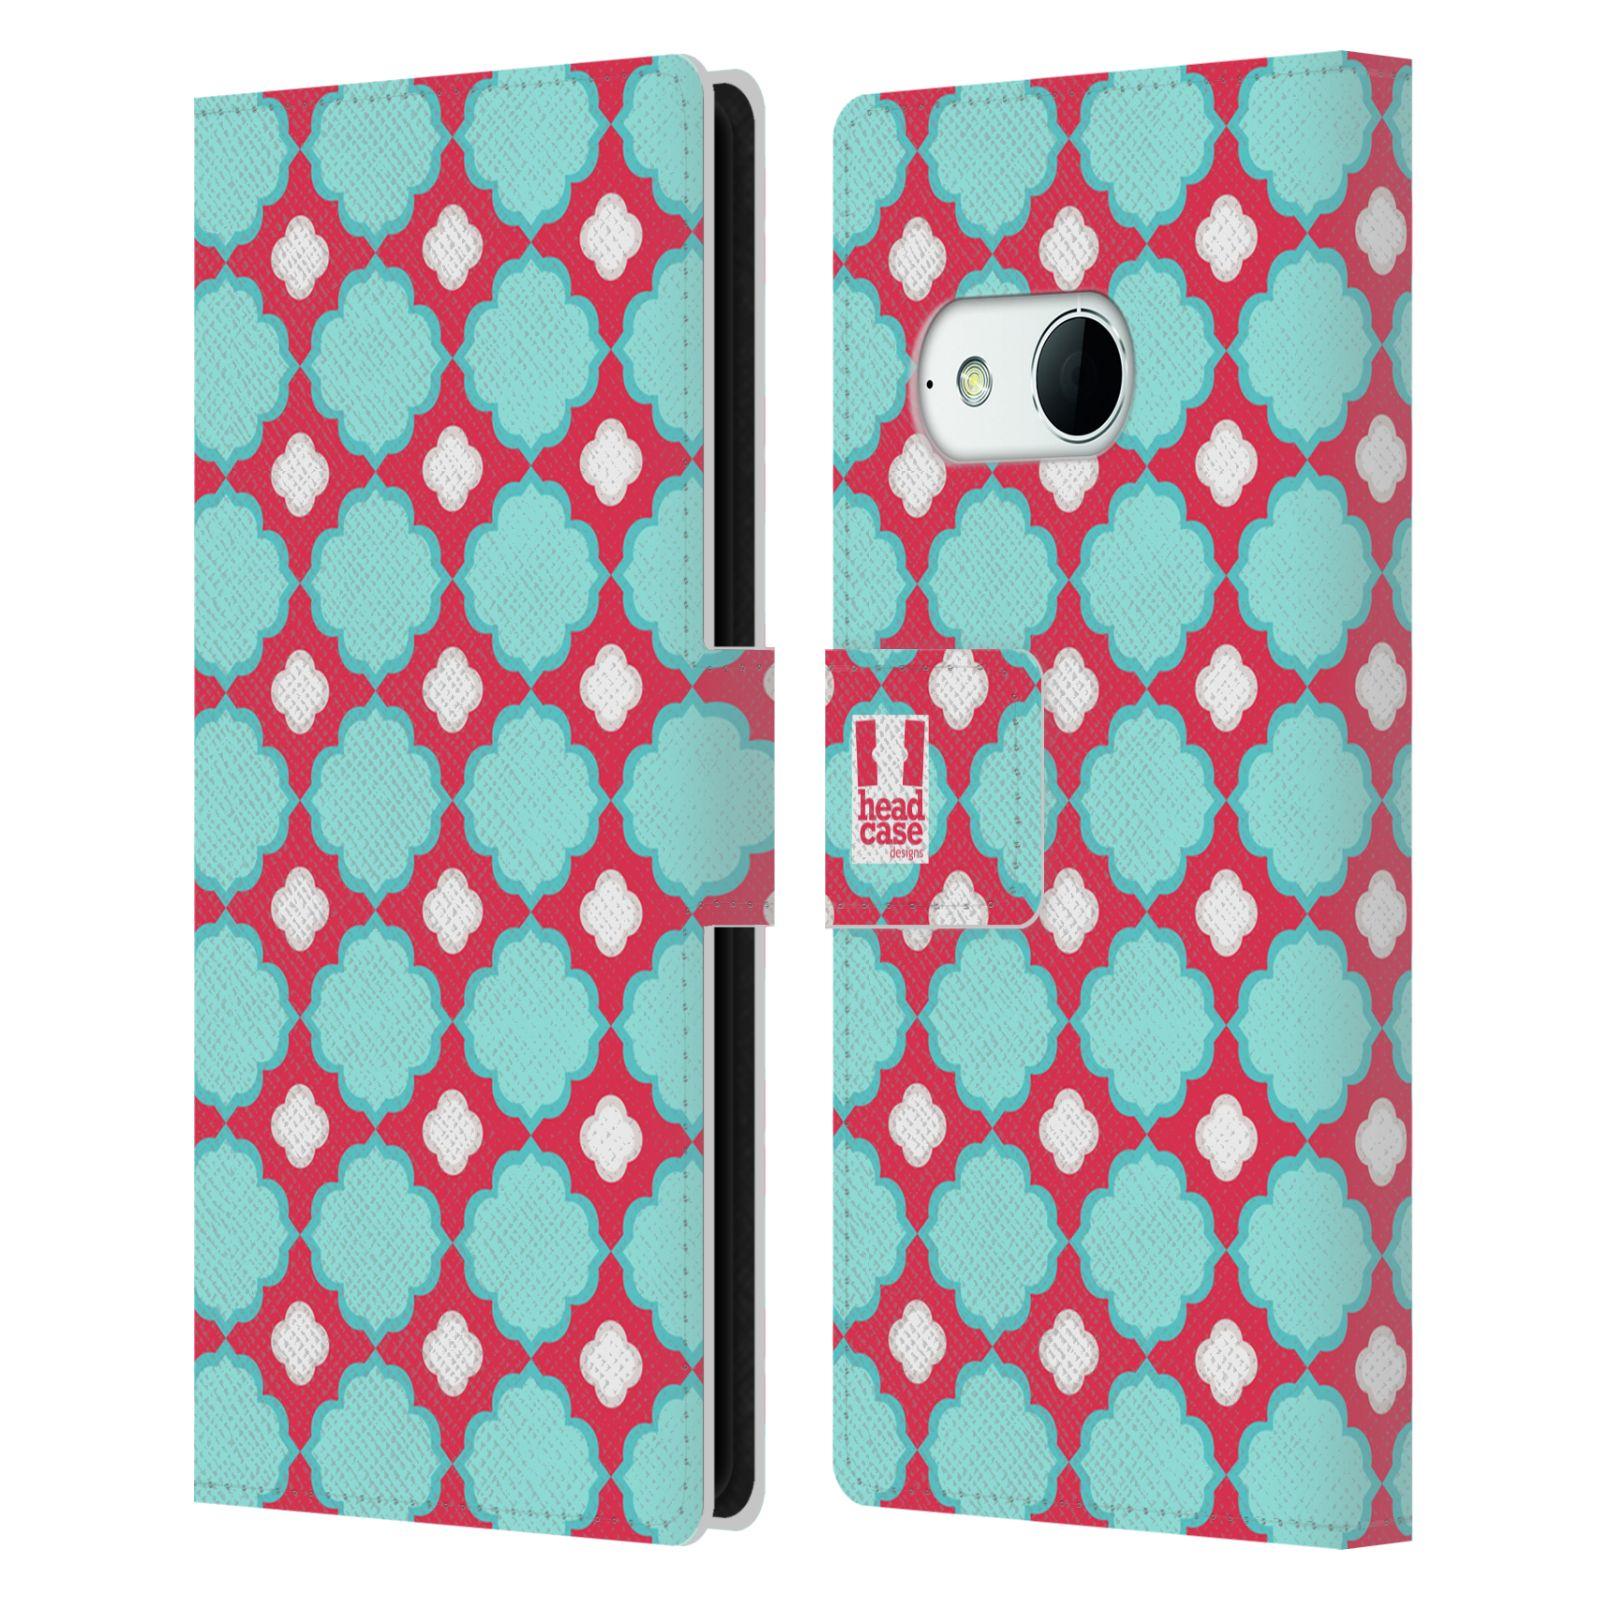 HEAD CASE Flipové pouzdro pro mobil HTC ONE MINI 2 (M8) sněženka modrá a růžová